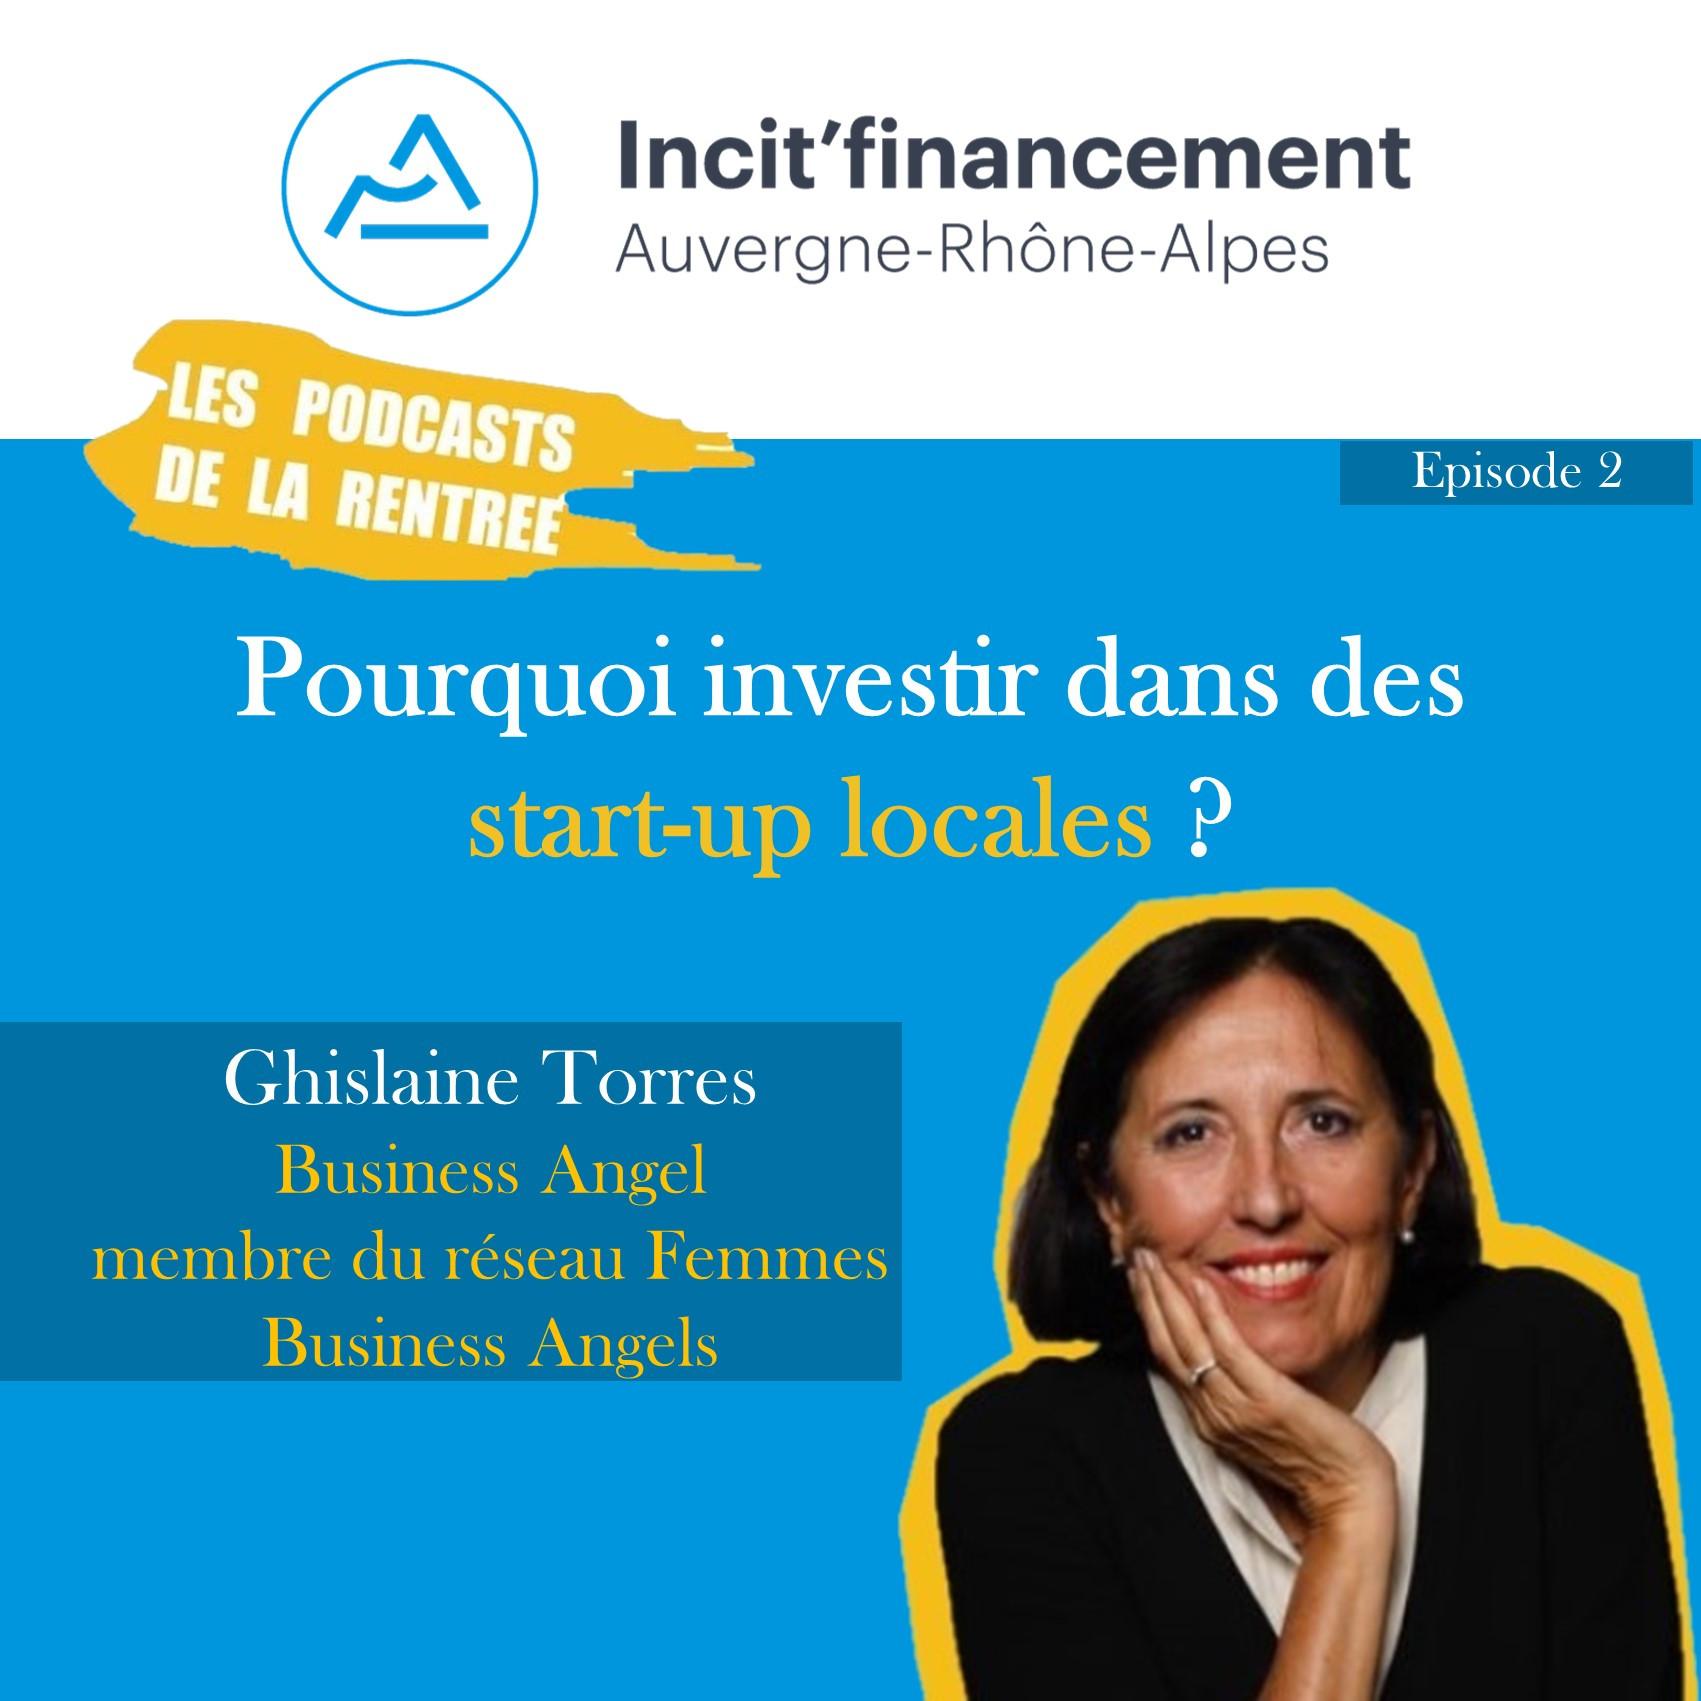 Episode 2 - Pourquoi investir dans des start-up locales - Ghislaine Torrès